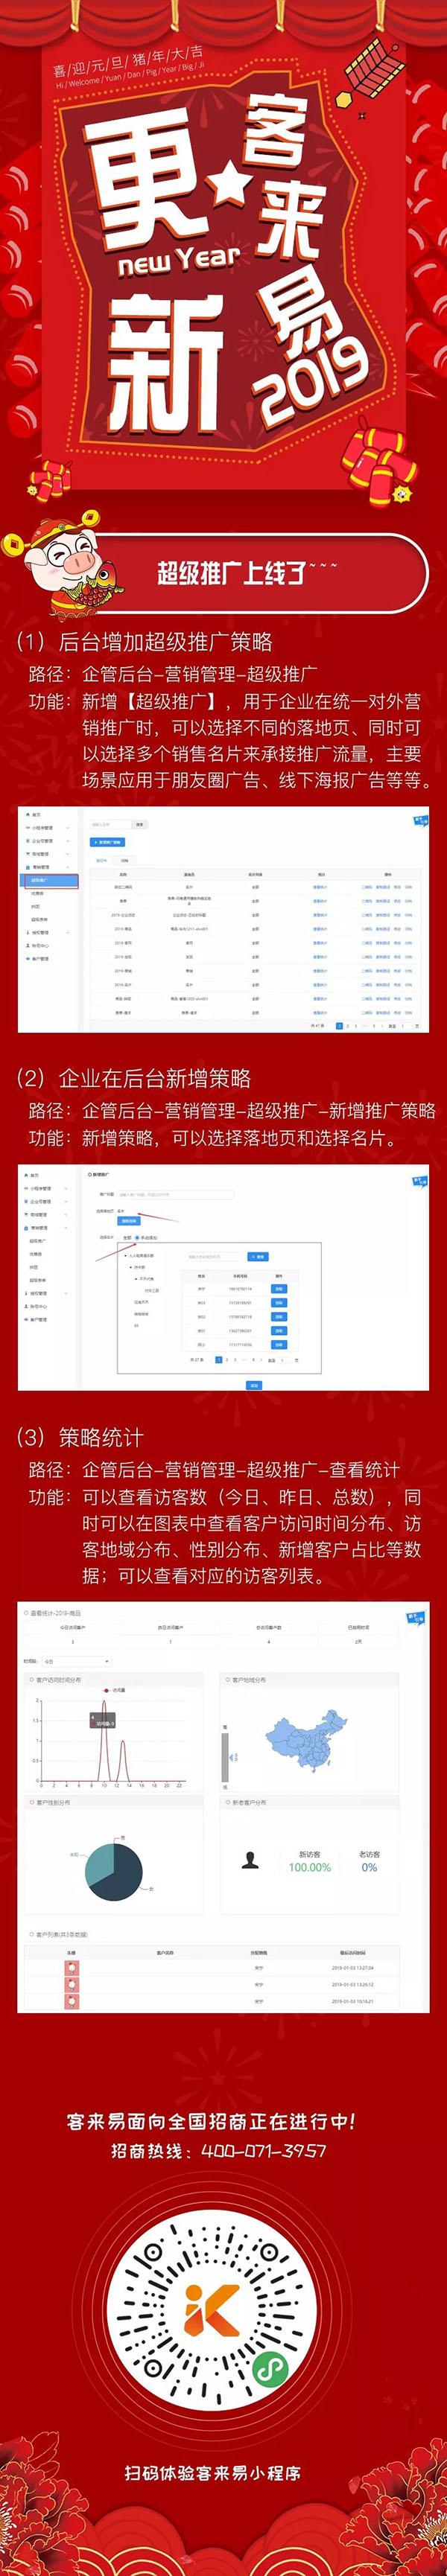 【客来易】智能名片小程序更新——上线超级推广功能_客来易